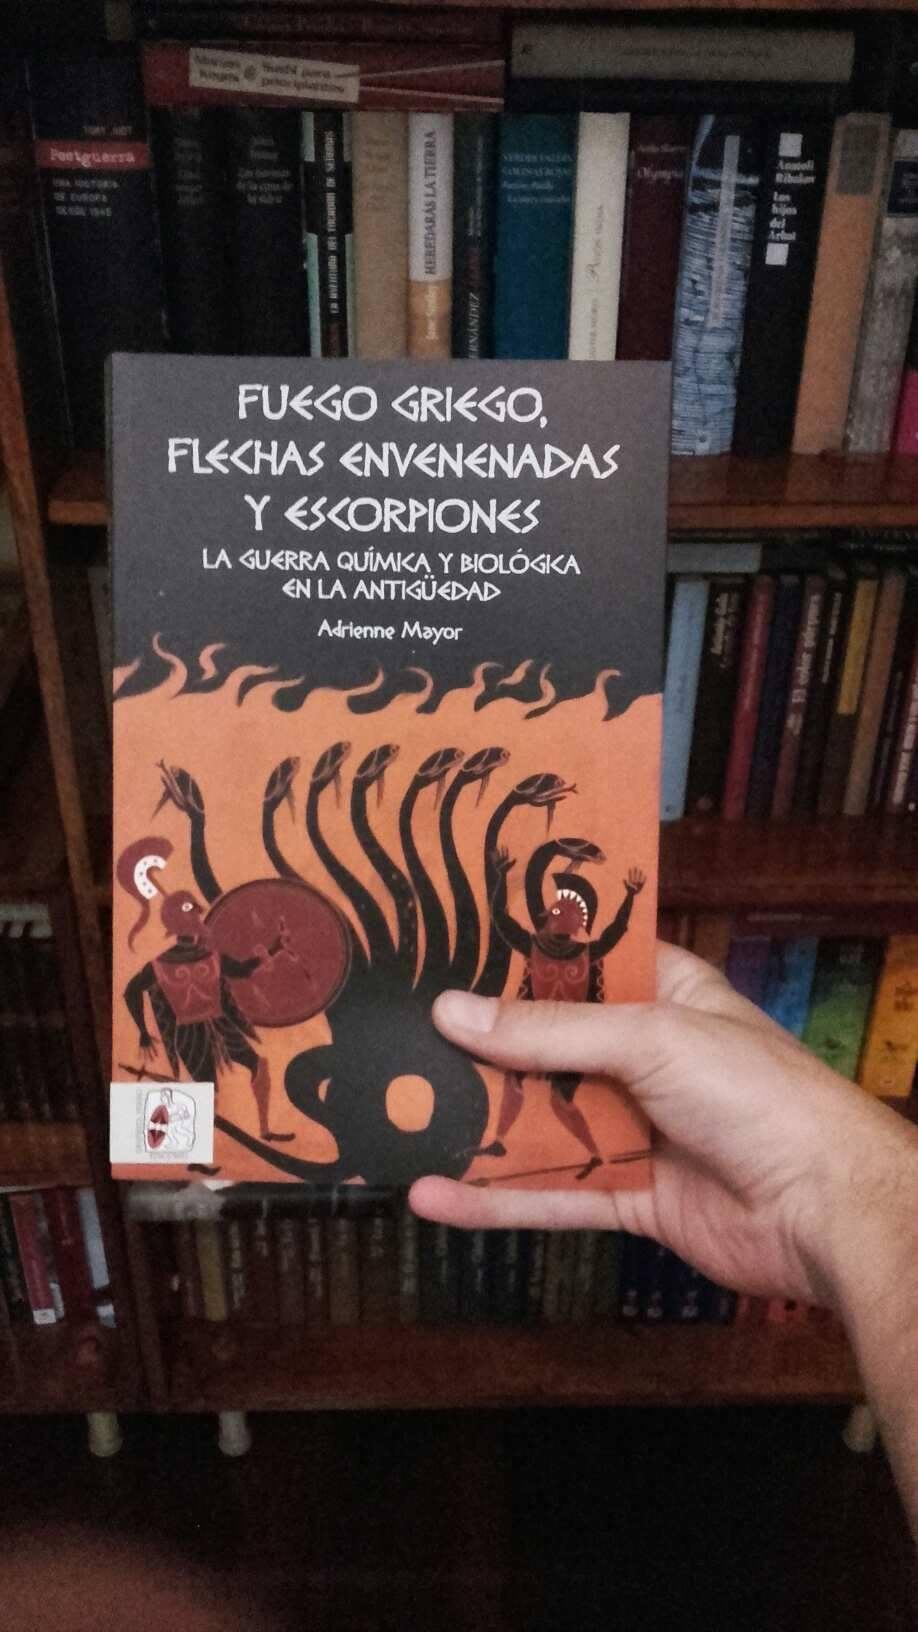 """Posando con mi ejemplar de """"Fuego griego, flechas envenenadas y escorpiones"""""""